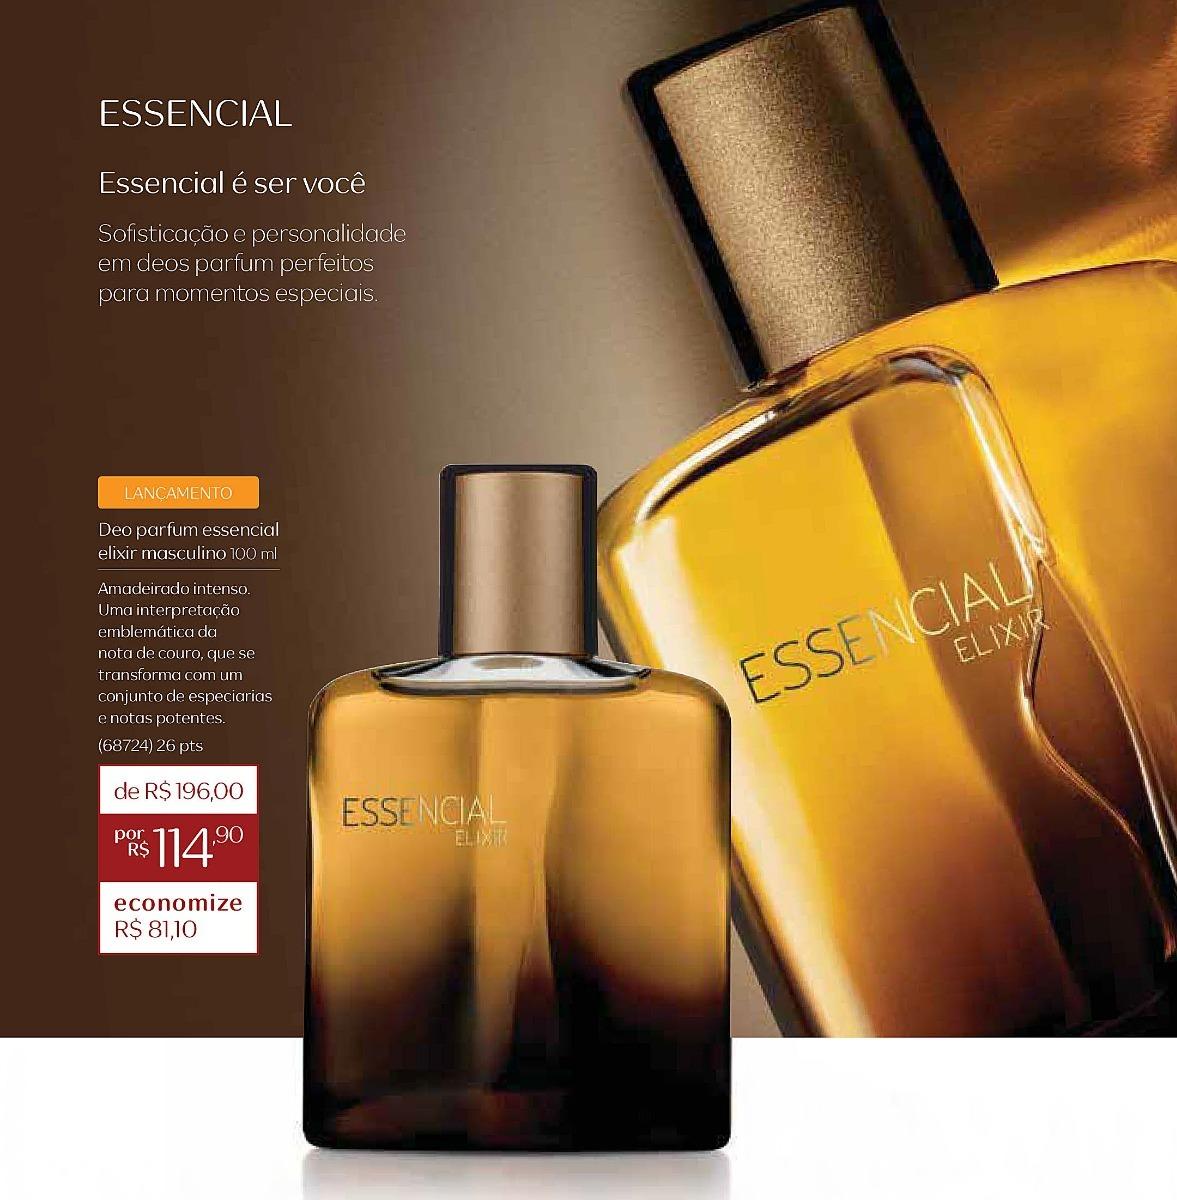 e402a04c8 Essencial Elixir Masculino Deo Parfum Natura   50% Off !! - R  98